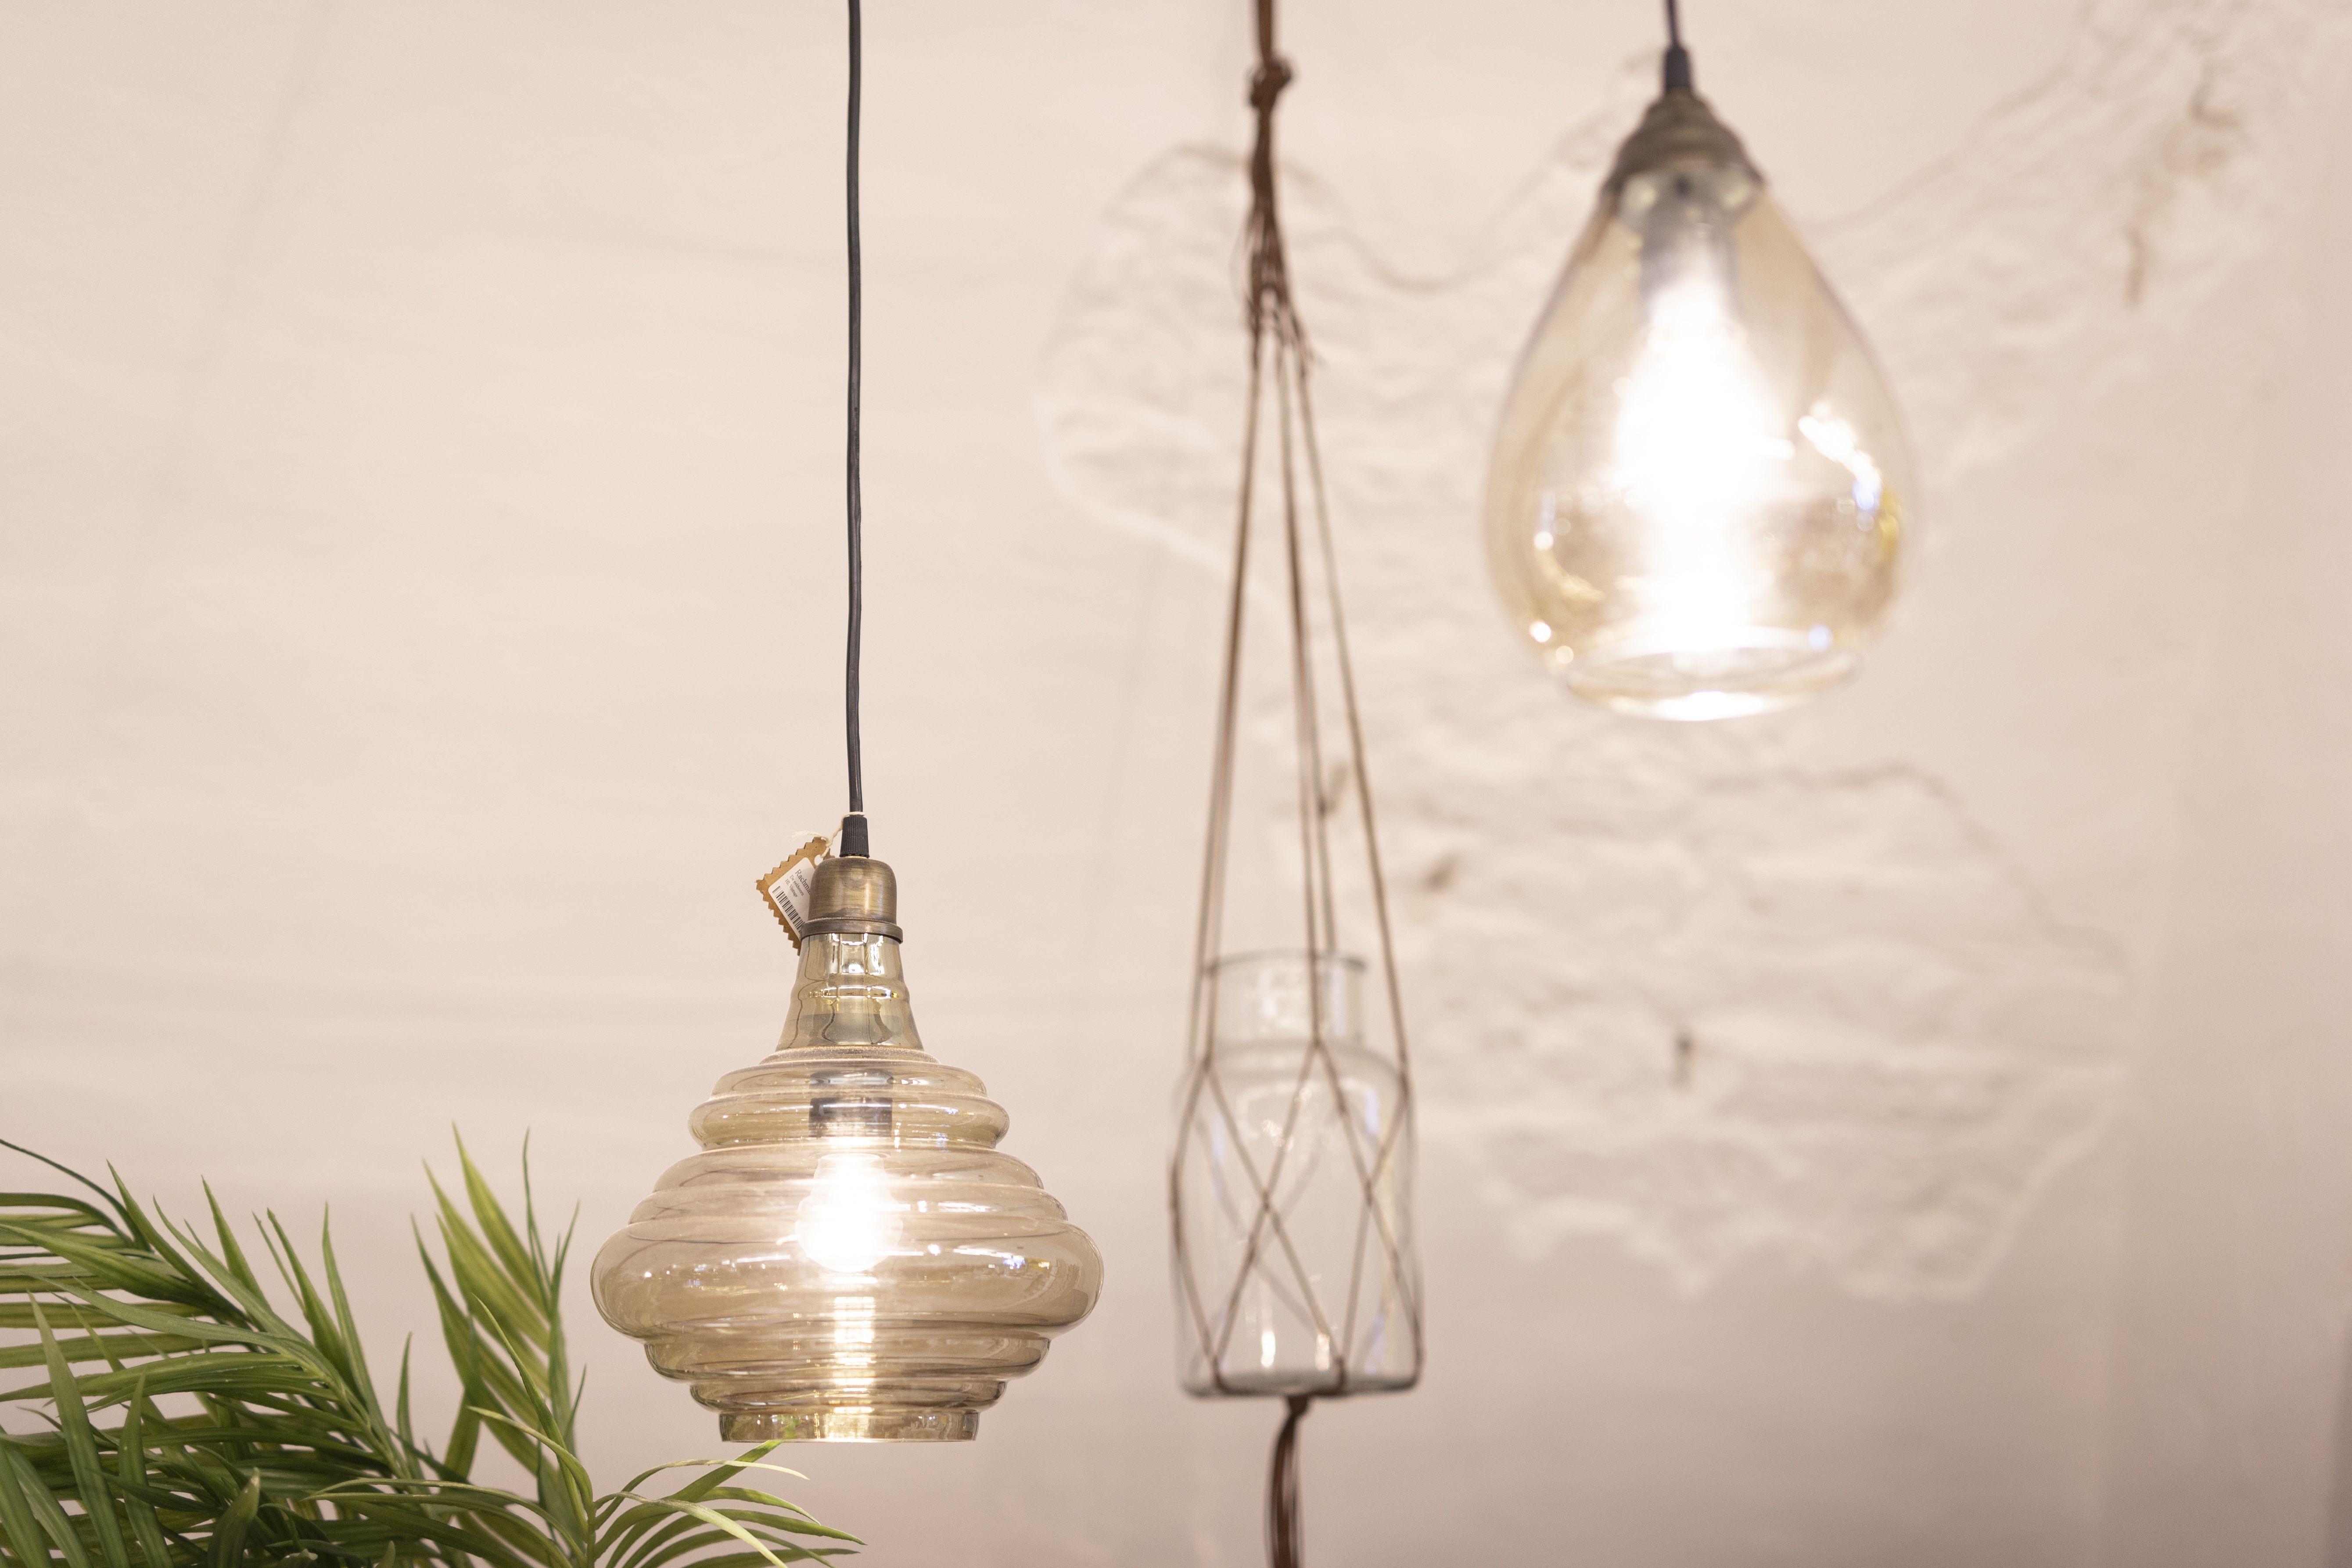 Rachmaninoff Verlichting In 2020 Verlichting Plafondverlichting Lampen